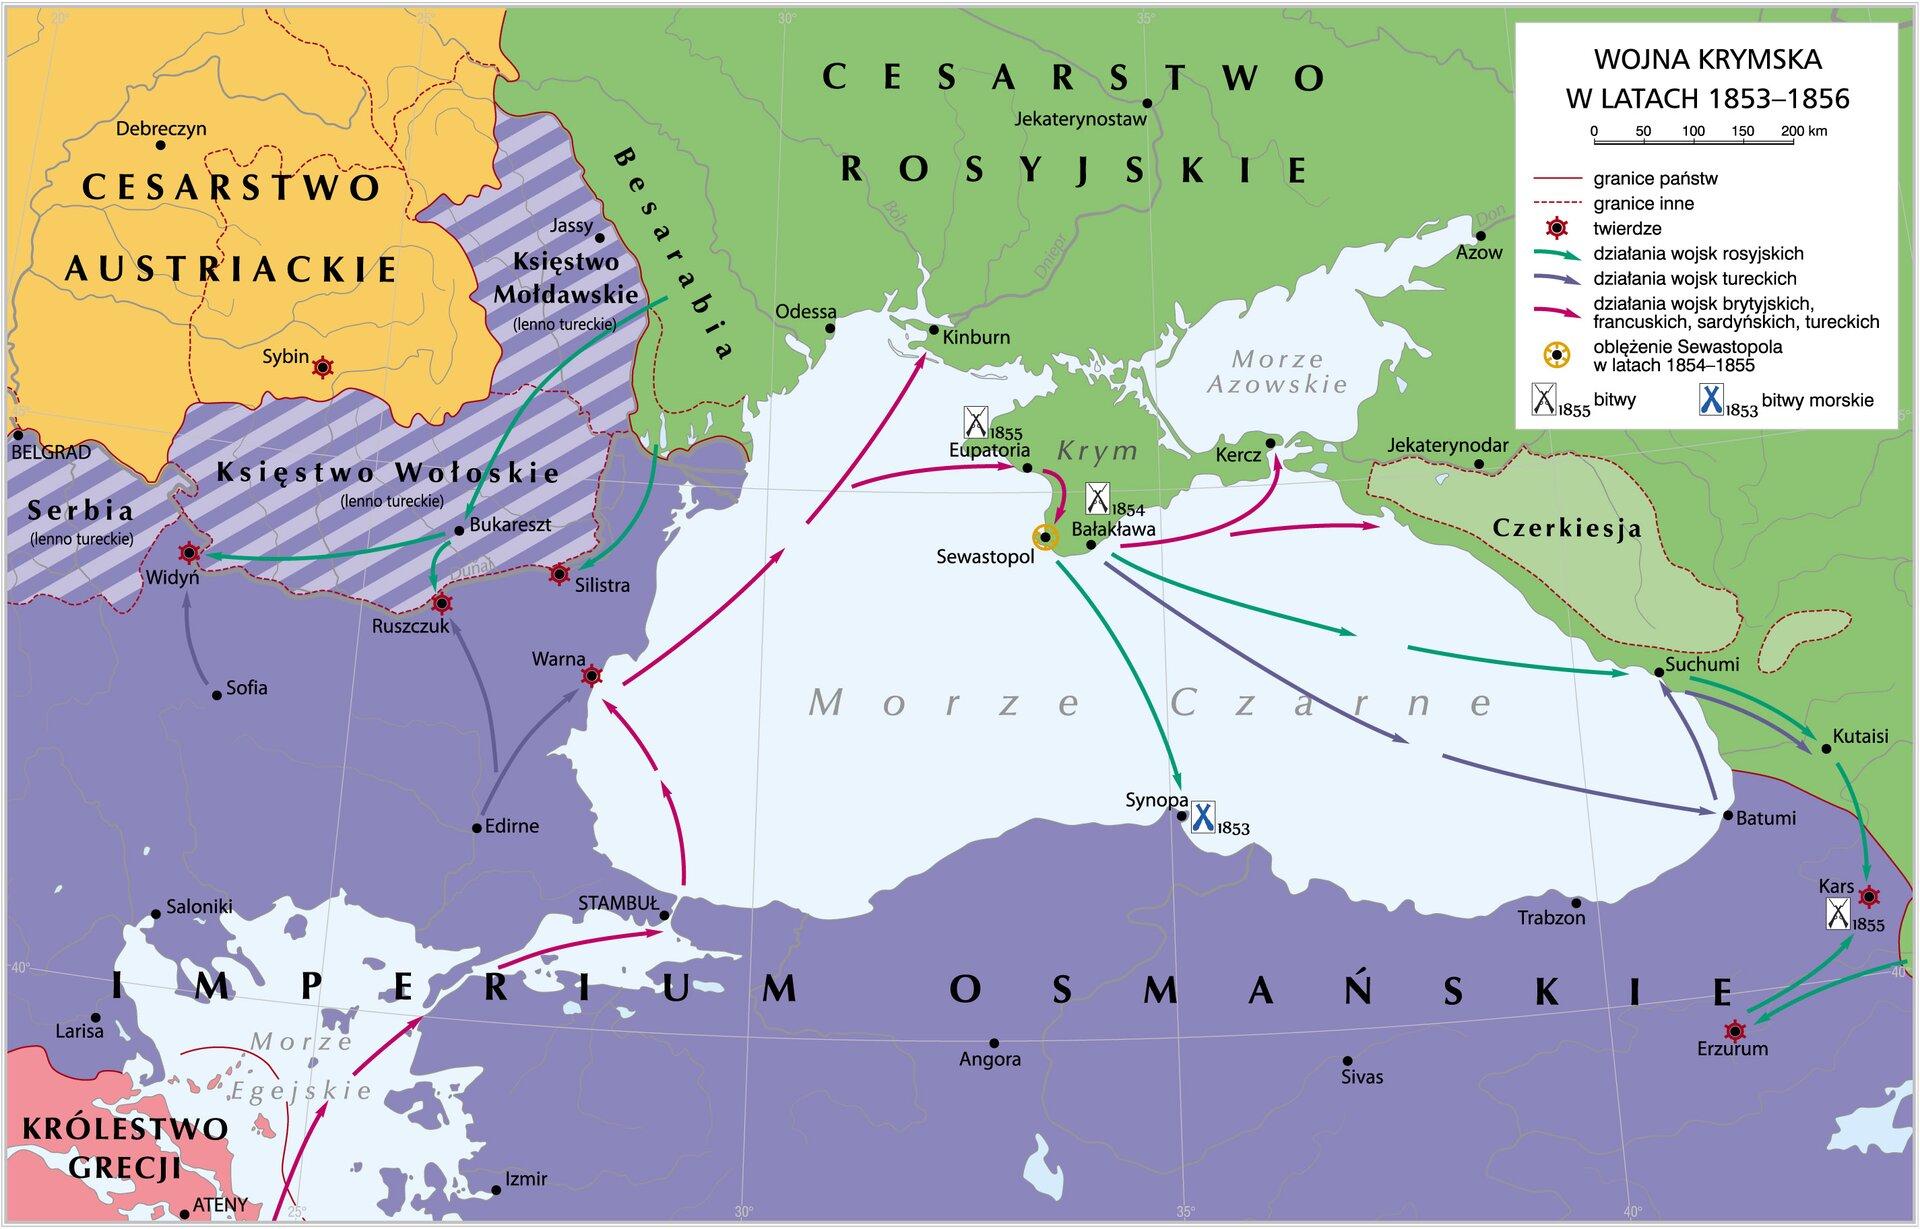 Wojna krymska 1853-1856 Źródło: Krystian Chariza izespół, Wojna krymska 1853-1856, licencja: CC BY 3.0.